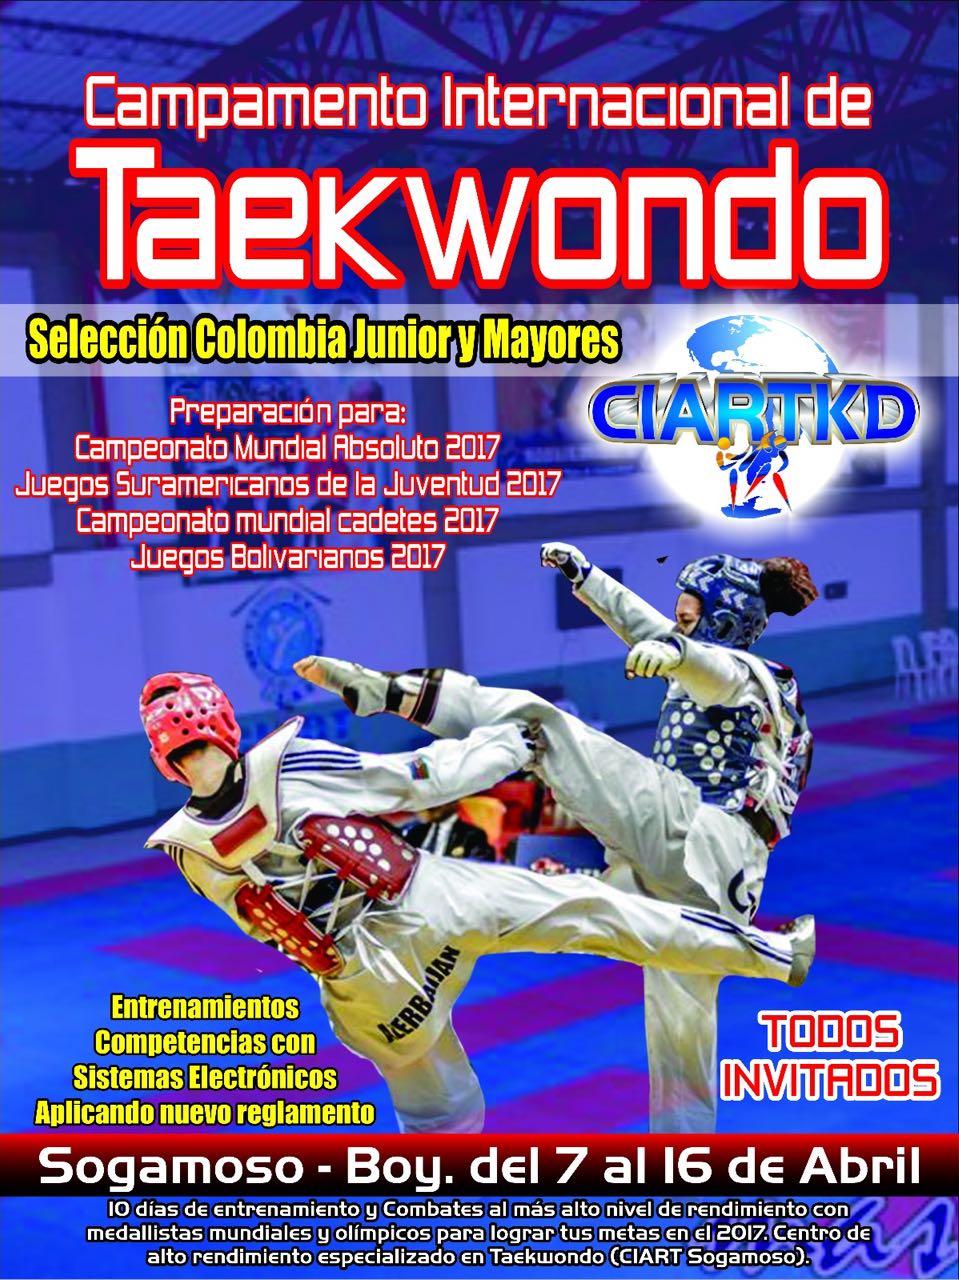 Poster_Campamento-CIARTKD-Sogamoso-Colombia_